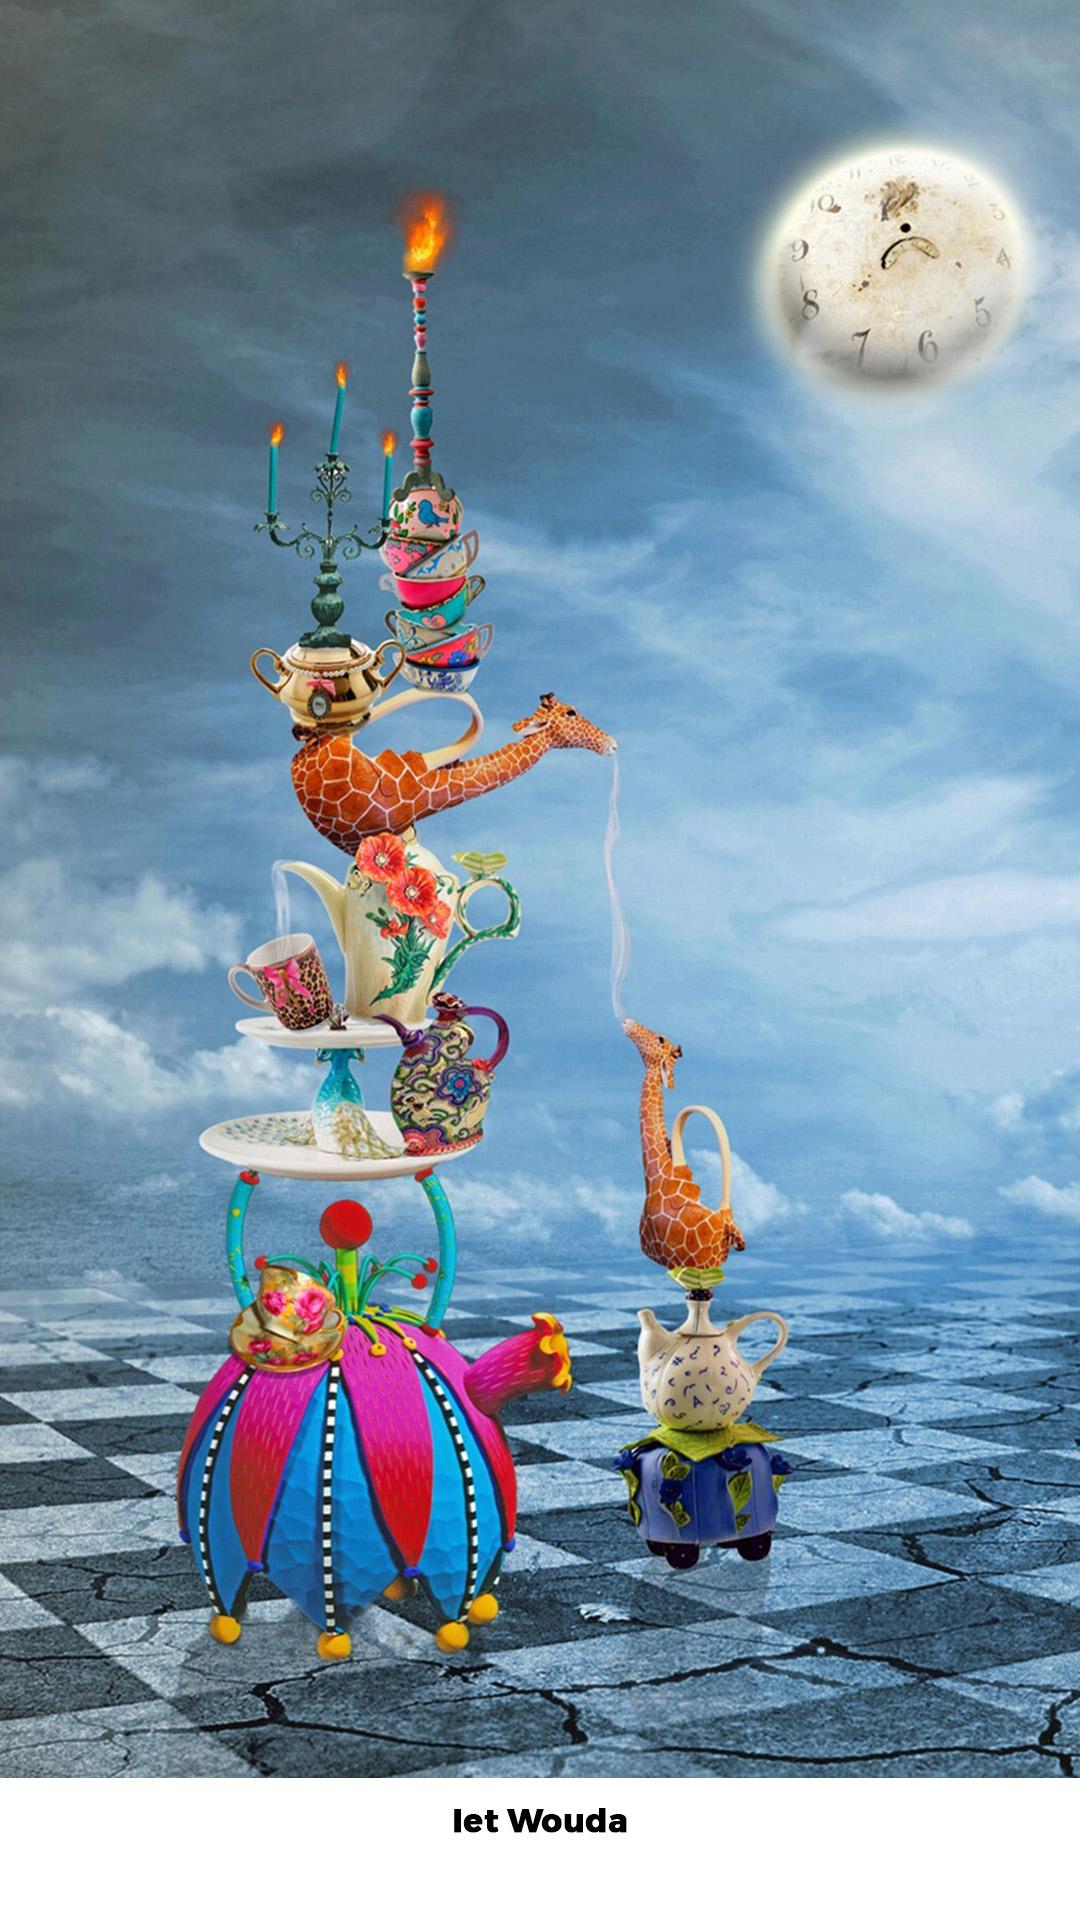 Kunstenaars week-Iet Wouda - 4-5 nov landelijkkatelierweekend-WIT